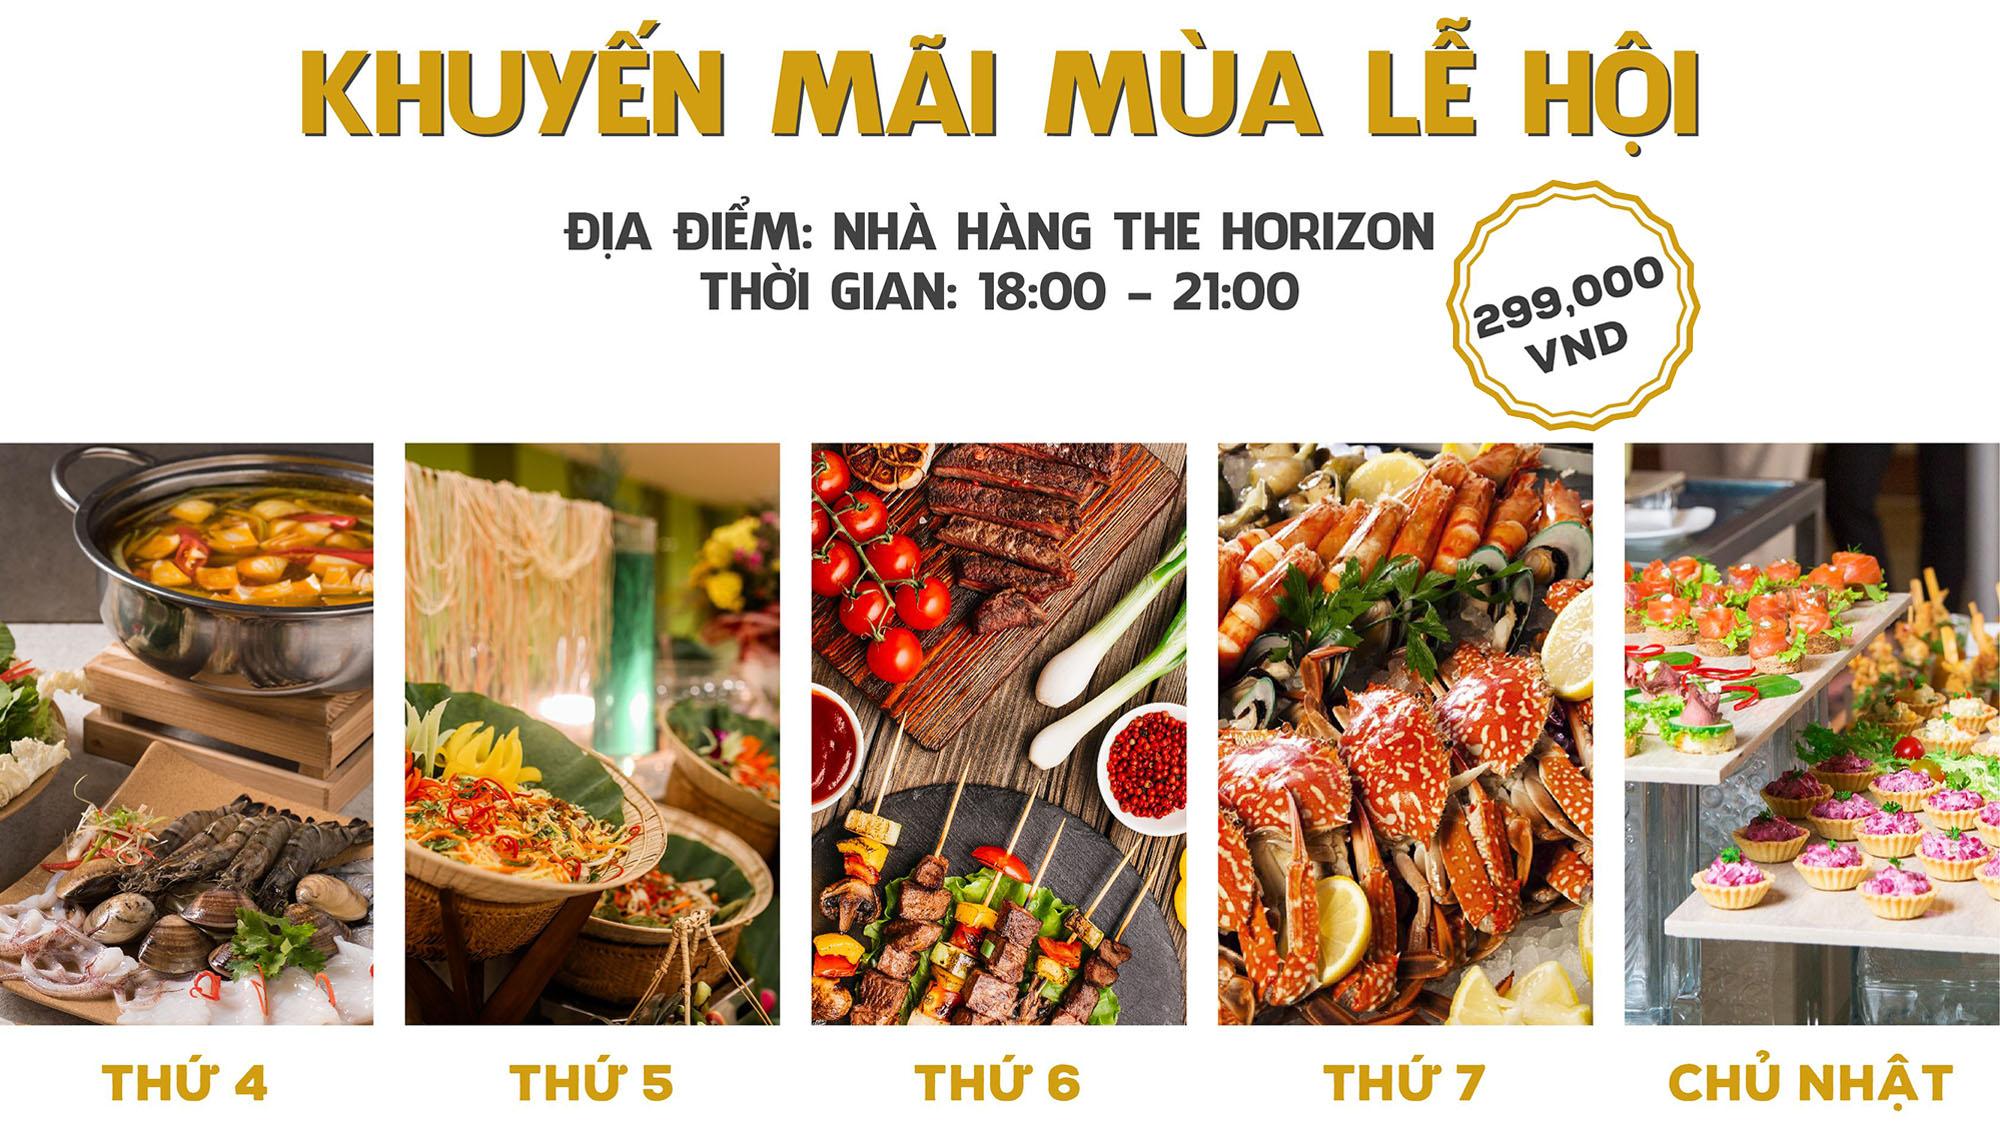 Chuoi Chuong Trinh Buffet Khuyen Mai Mua Le Hoi Tai Danang Golden Bay Cac Su Kien Noi Bat Da Nang Thang 11 Chao Mua Dong